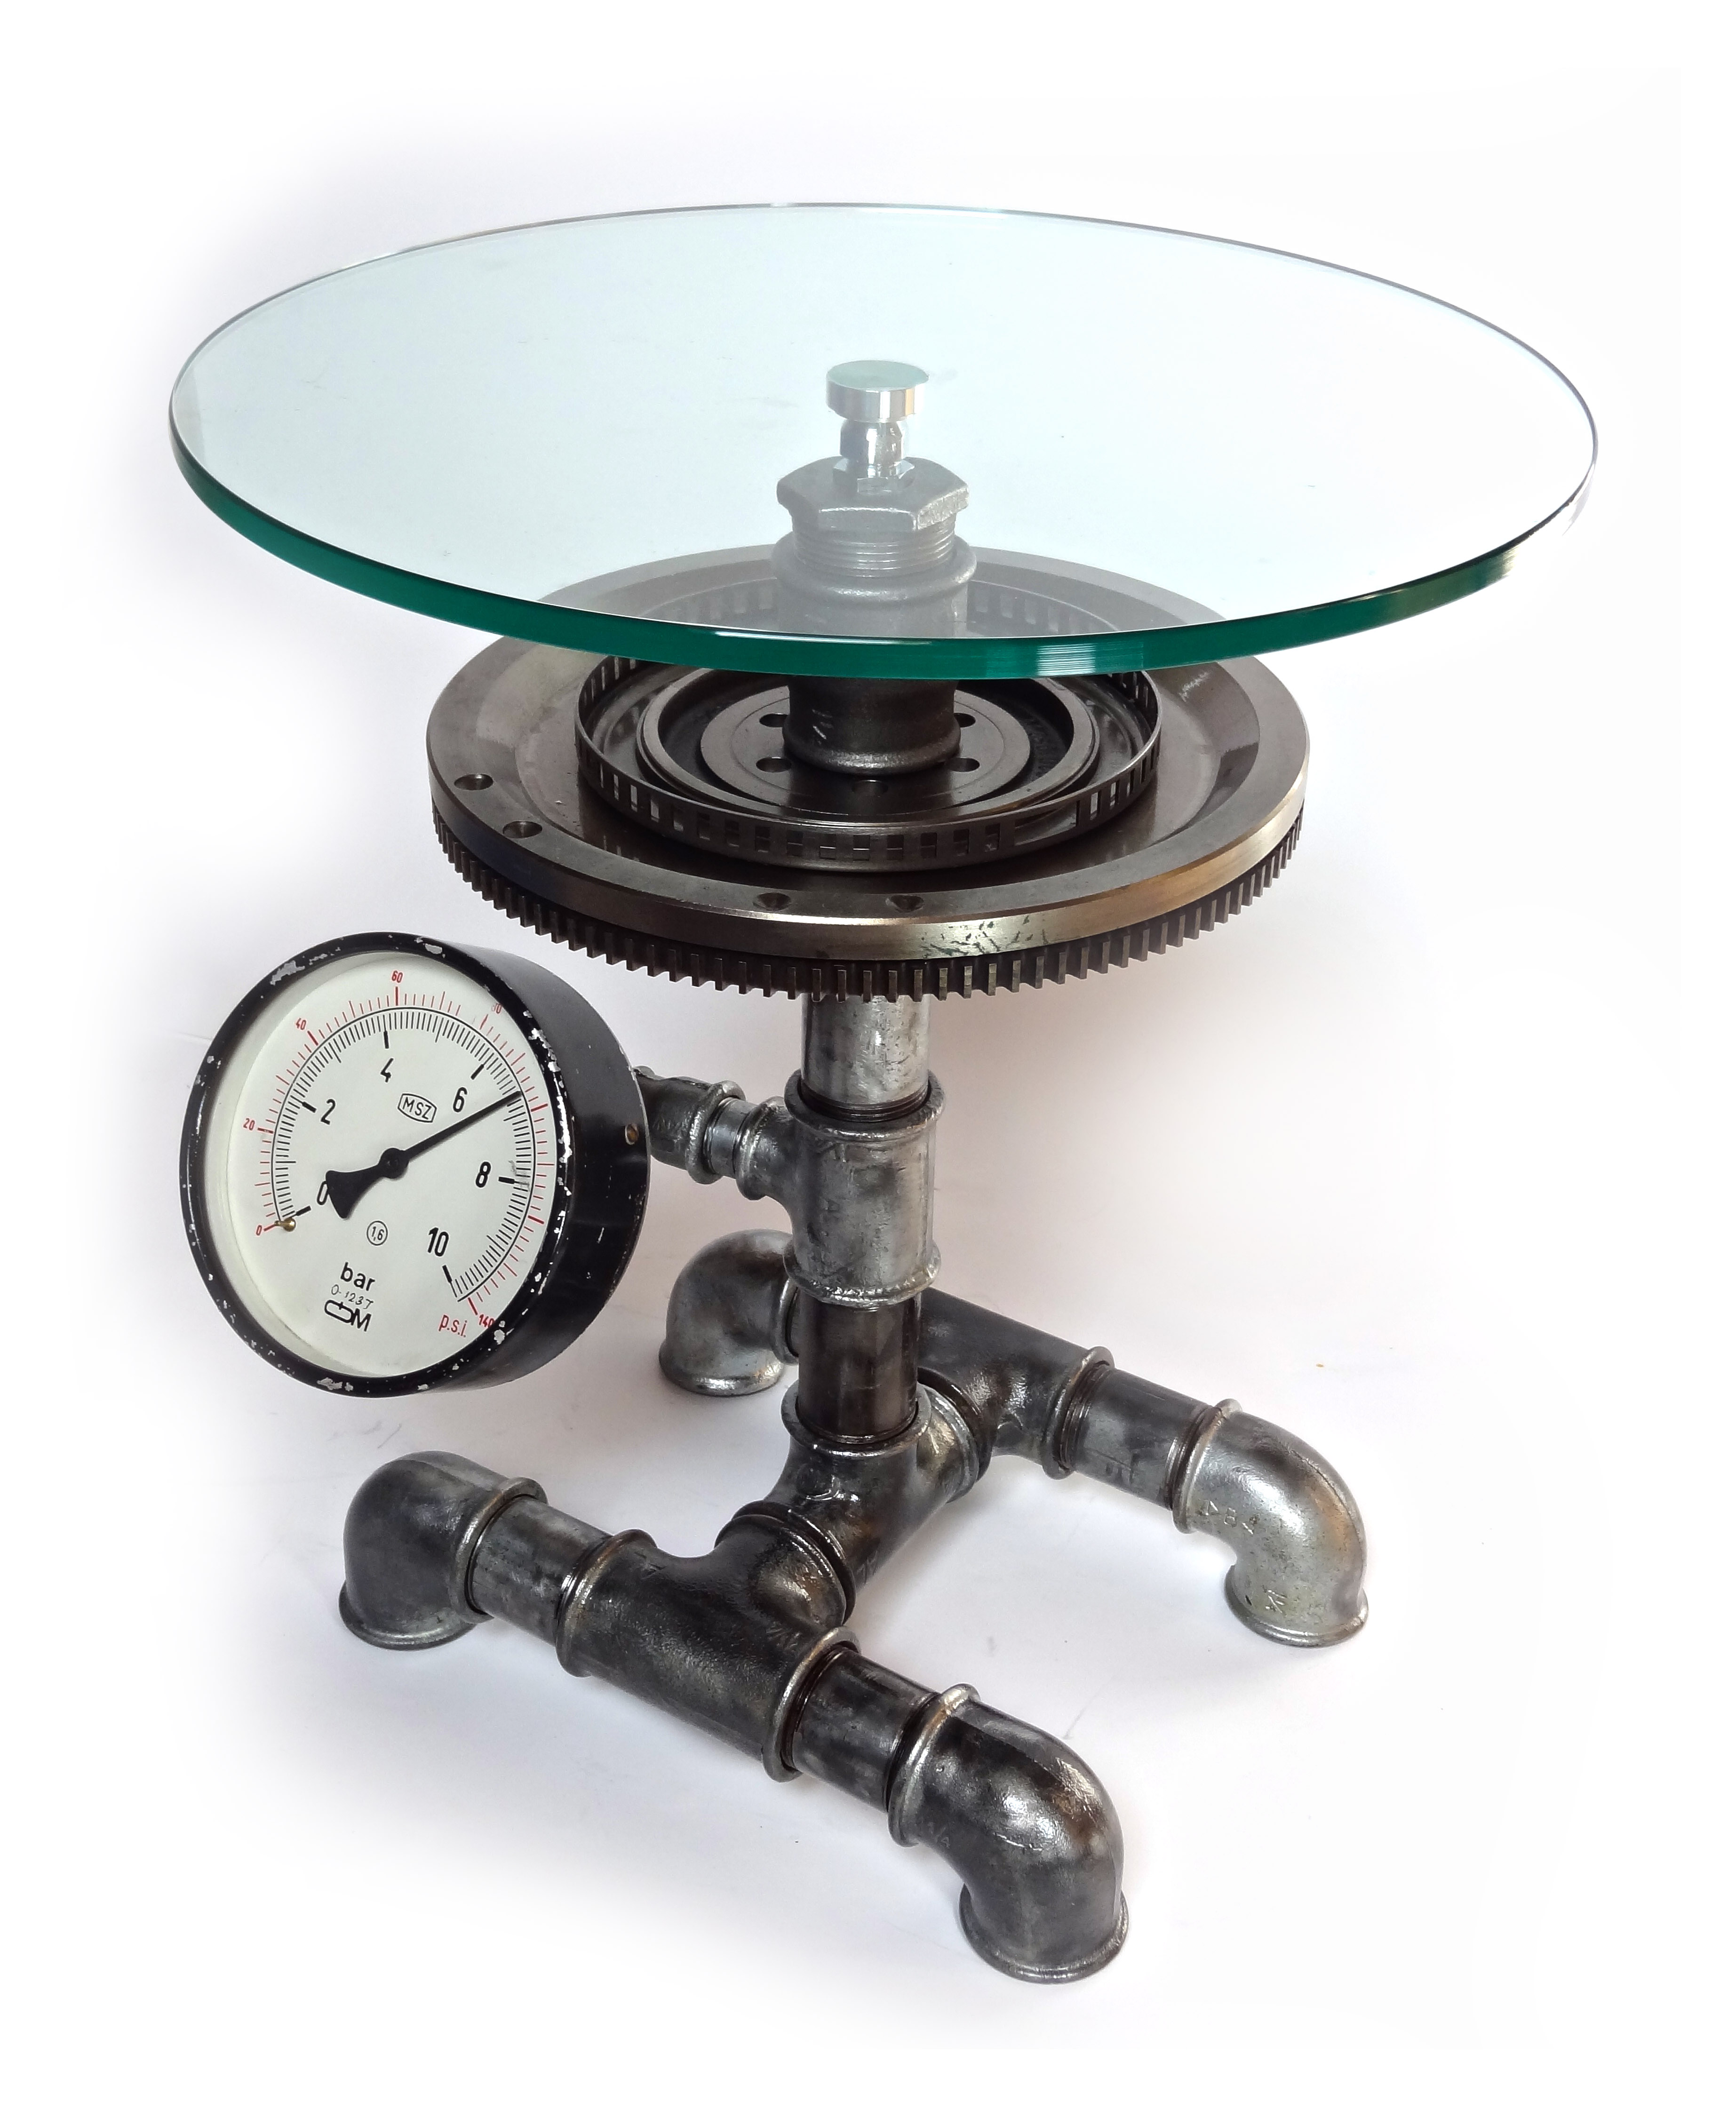 Steampunk Glasbeistelltisch aus Wasserrohren, Zahnrad und Manometer